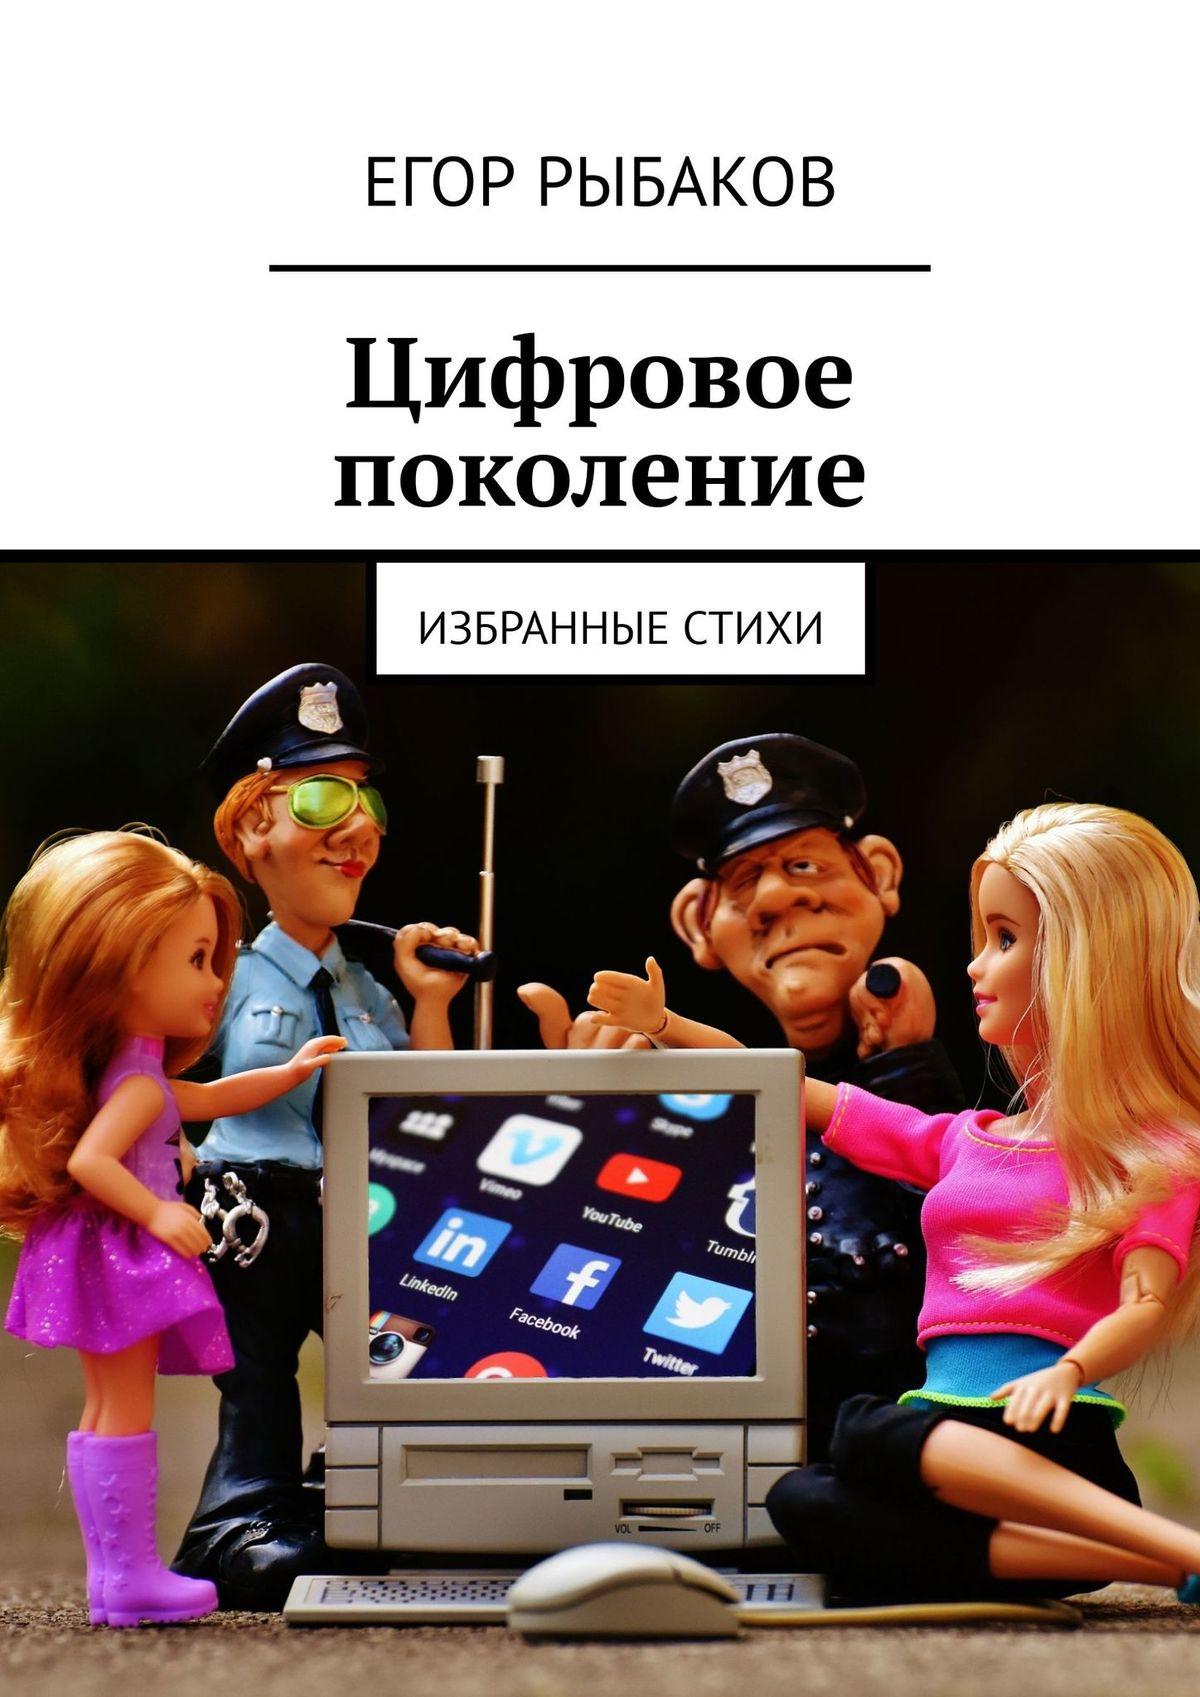 Егор Рыбаков Цифровое поколение. Избранные стихи